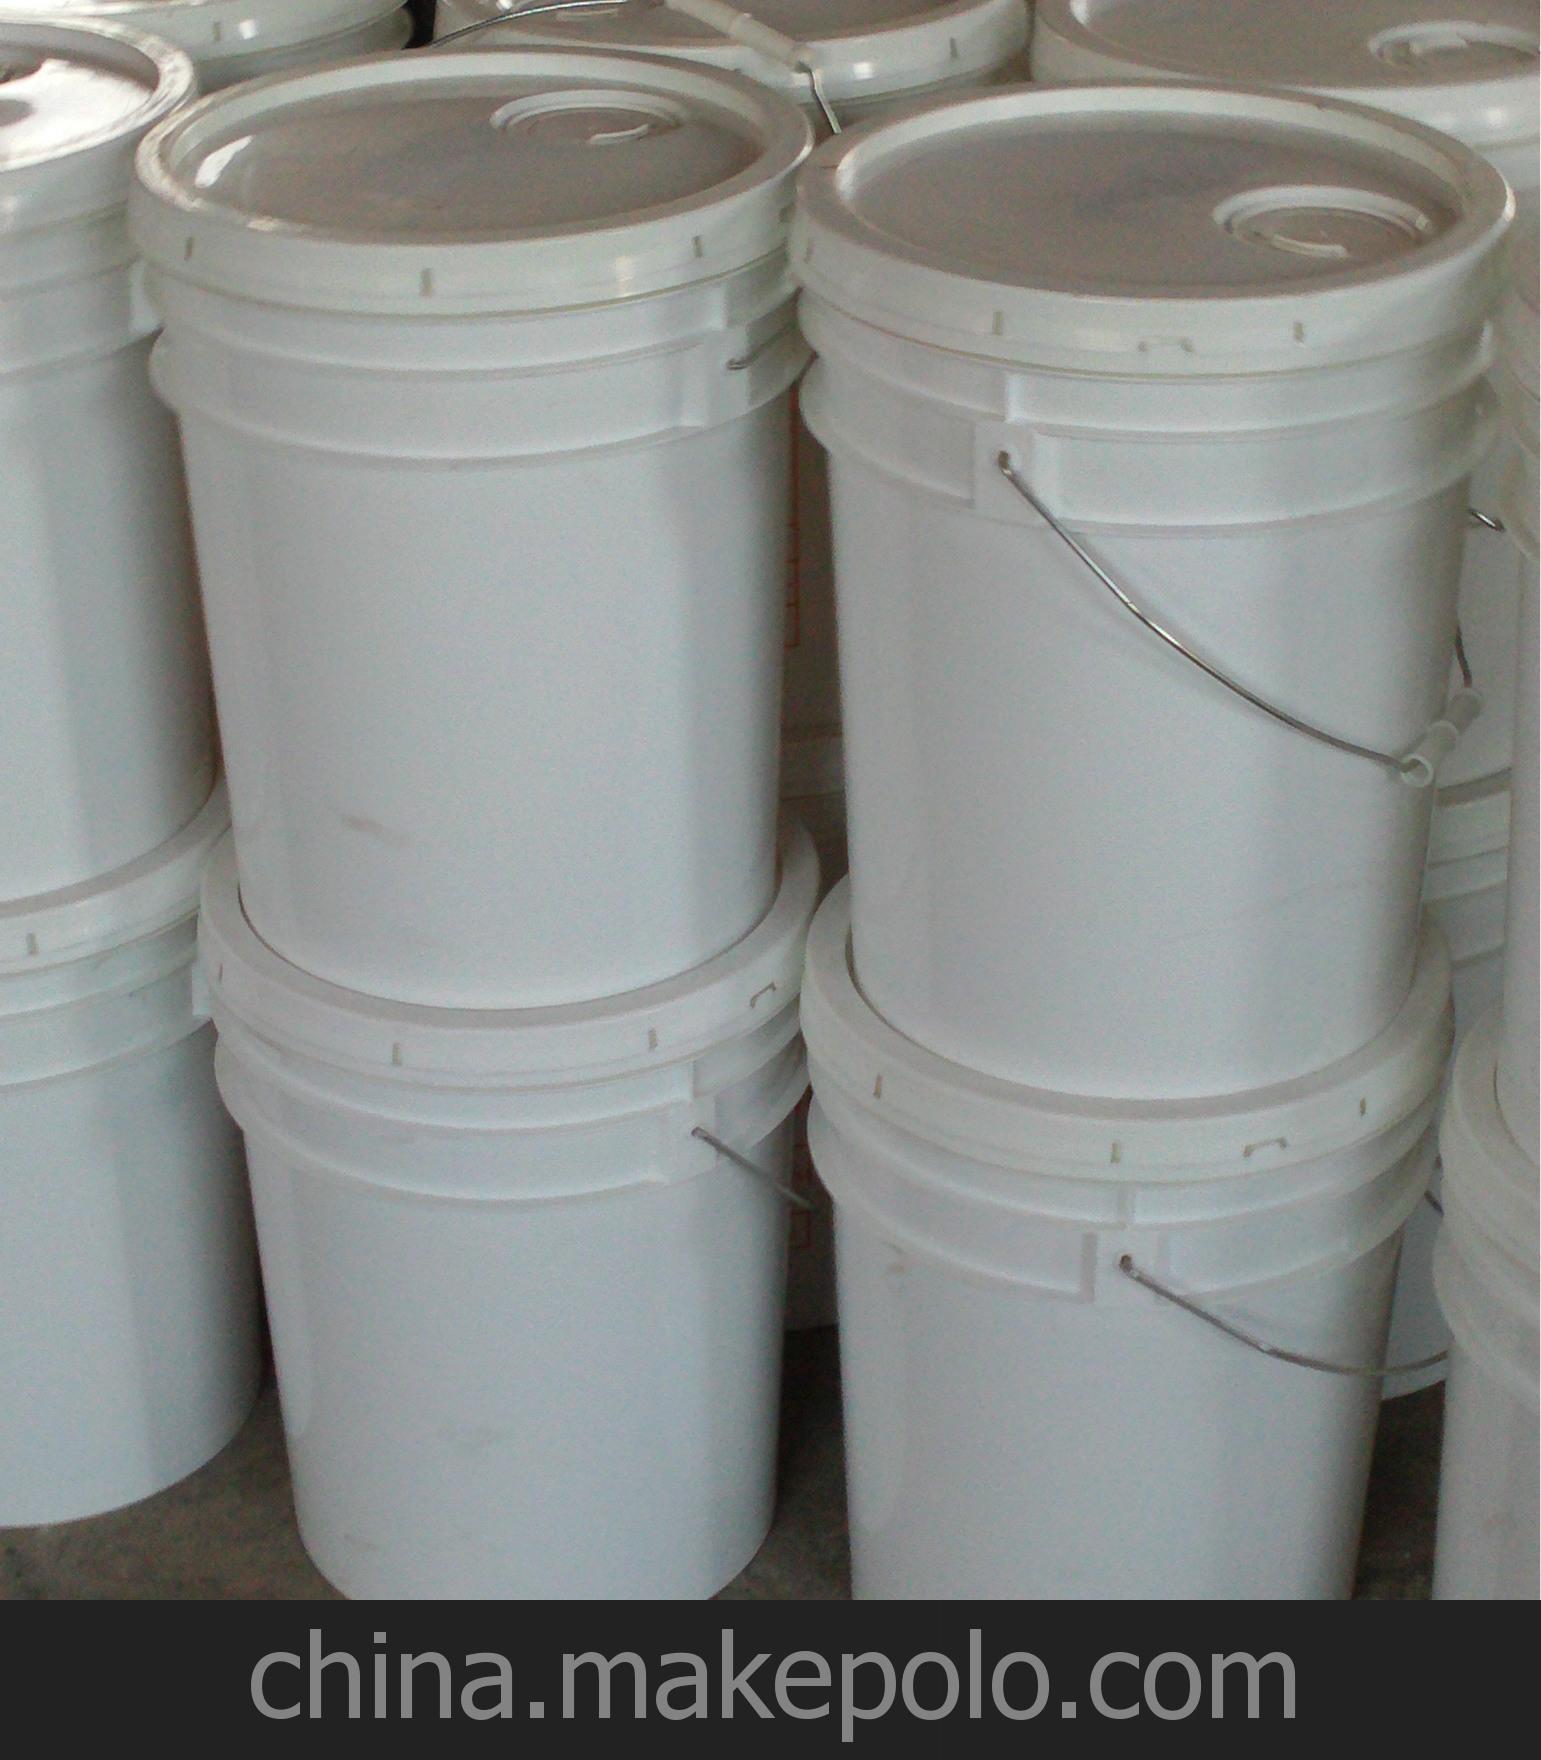 BIO杀菌剂 非氧化性杀菌剂 反渗透膜专用杀菌剂